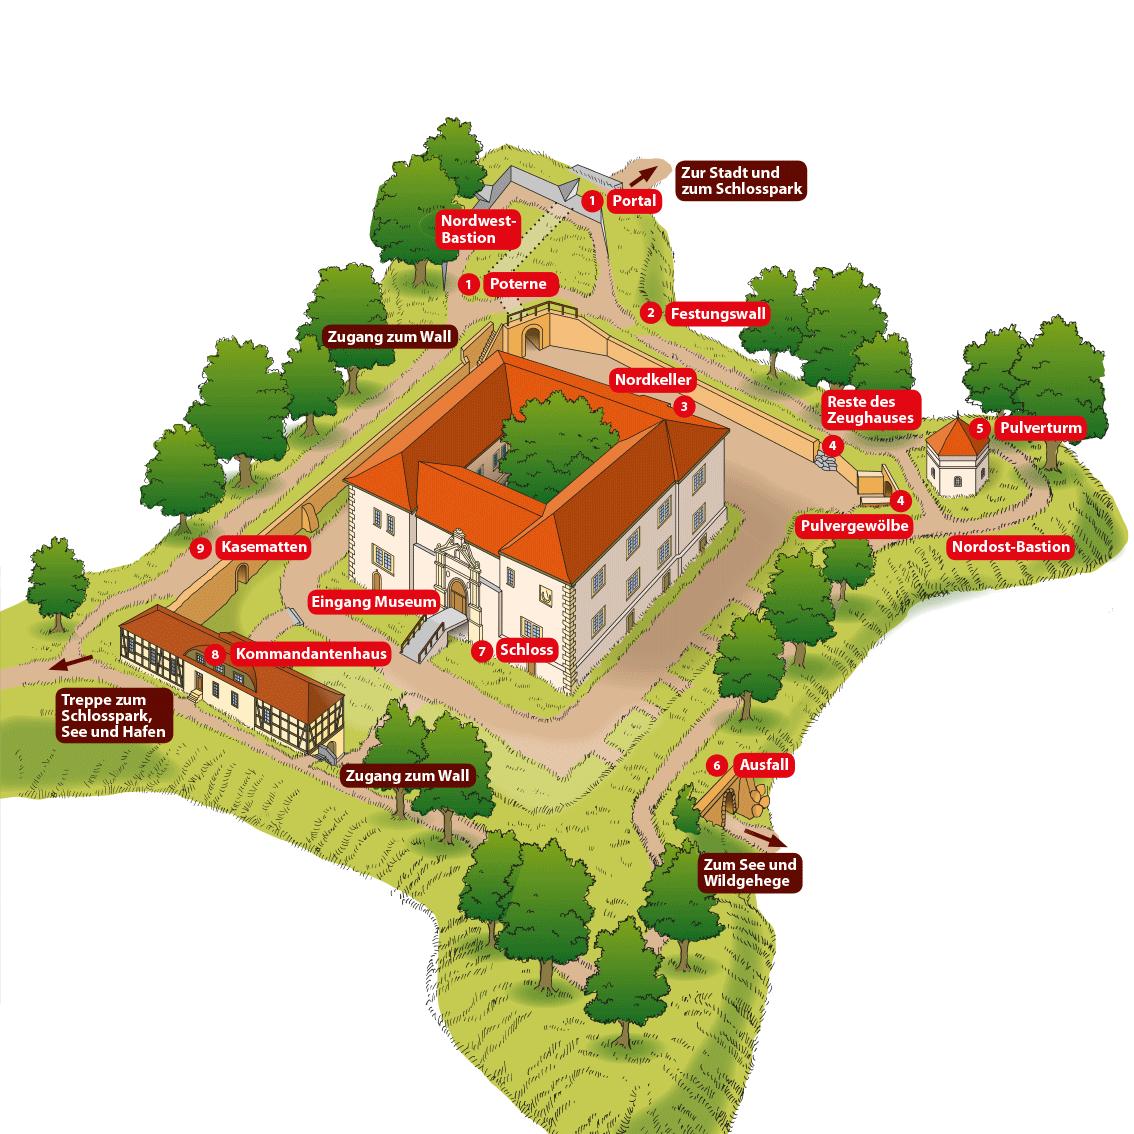 Lageplan_Festungsrundgang_Illustration: Sönke Hollstein